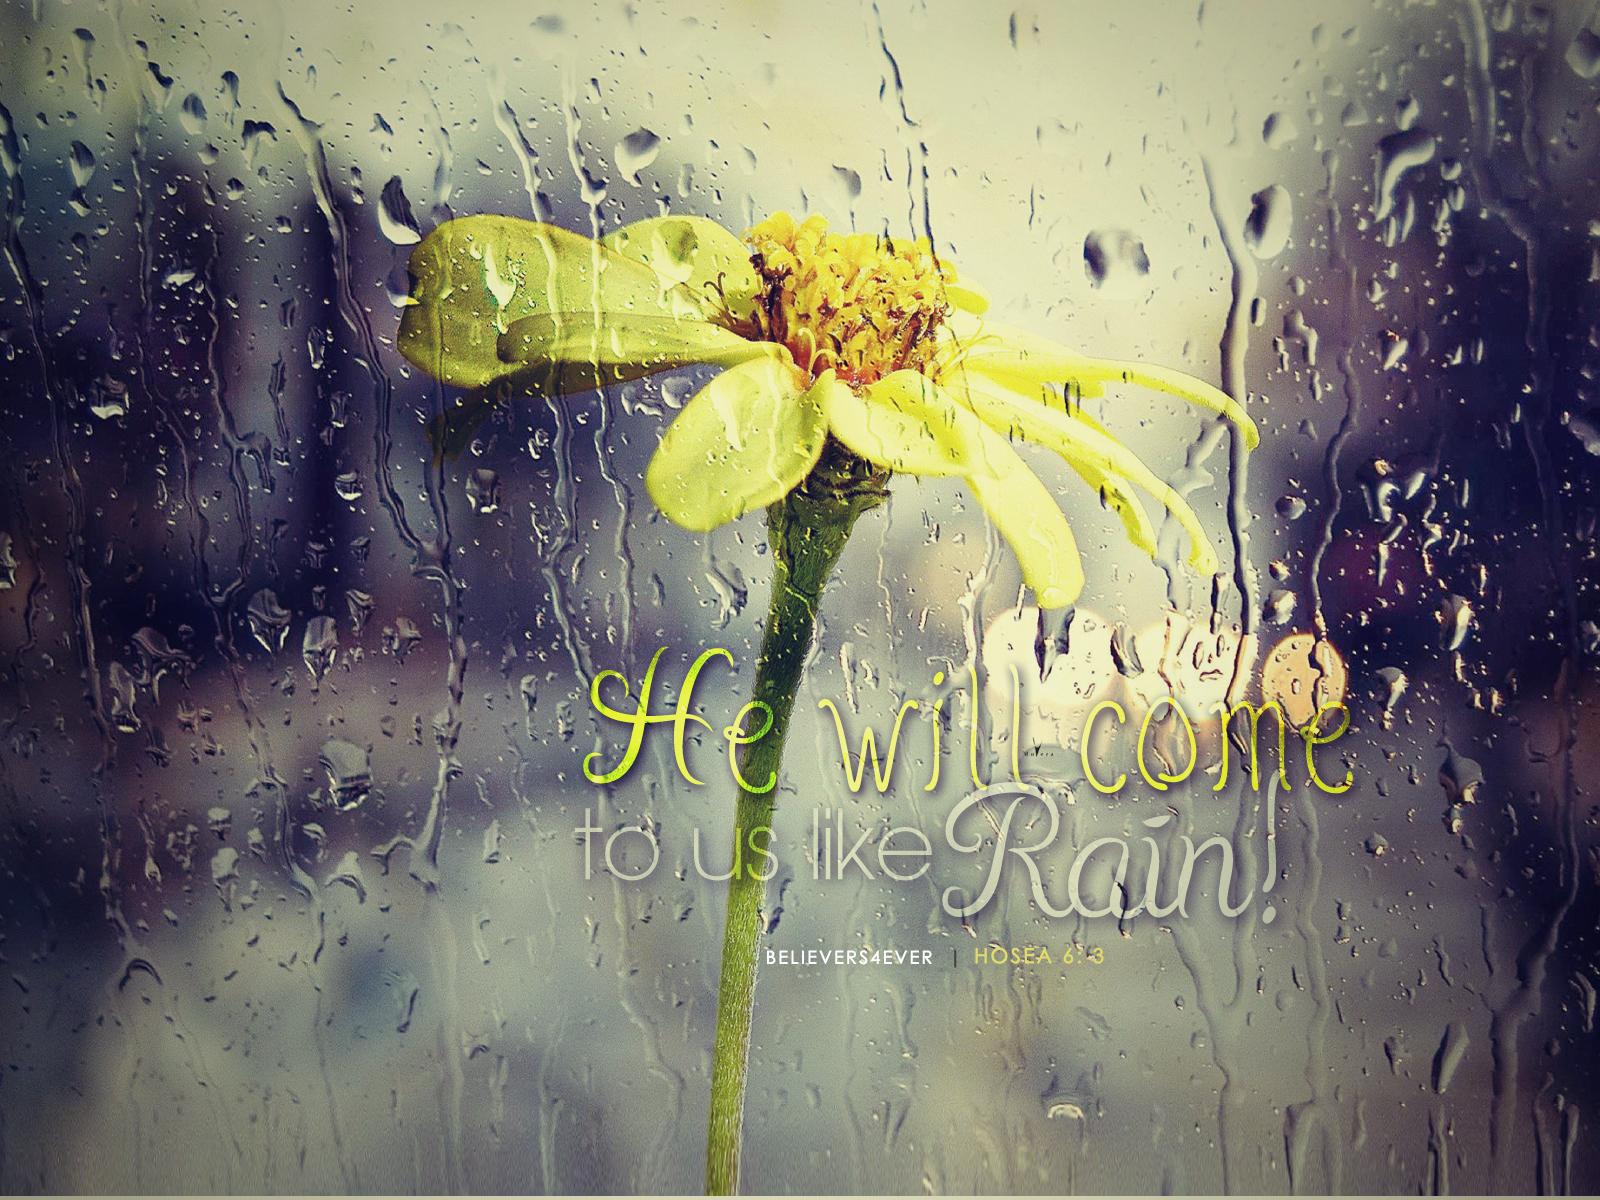 He comes like rain